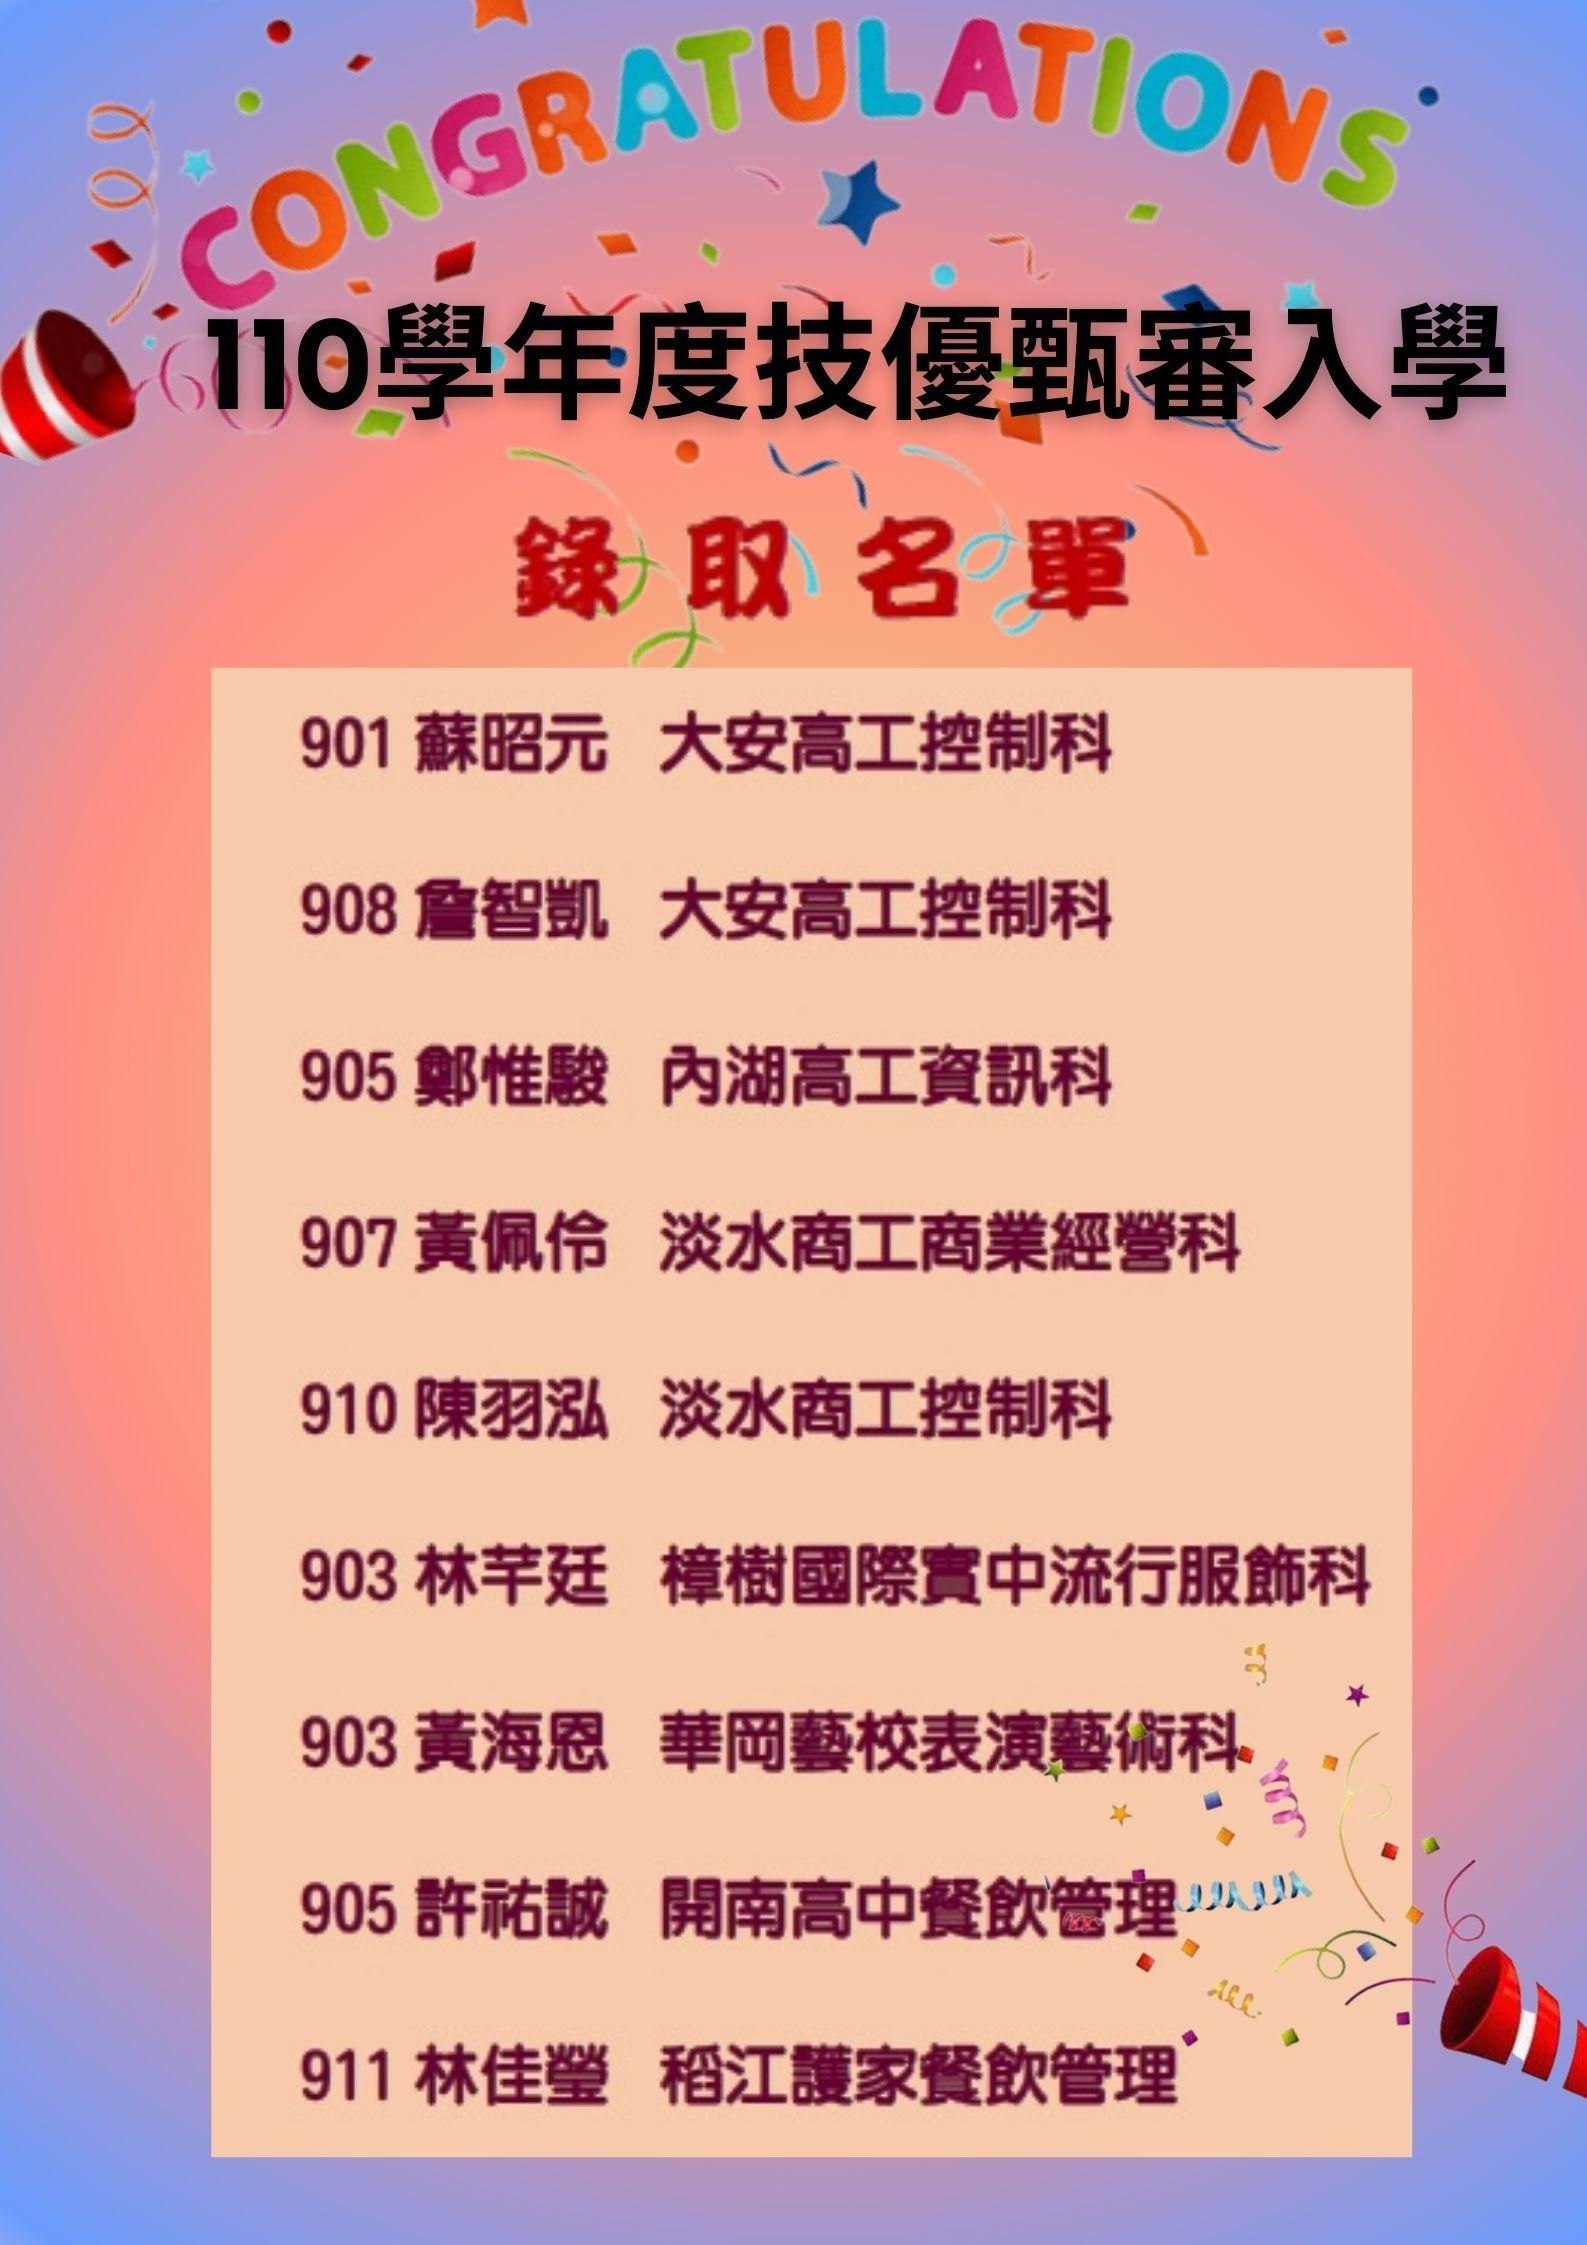 110學年度技優甄審入學海報0617